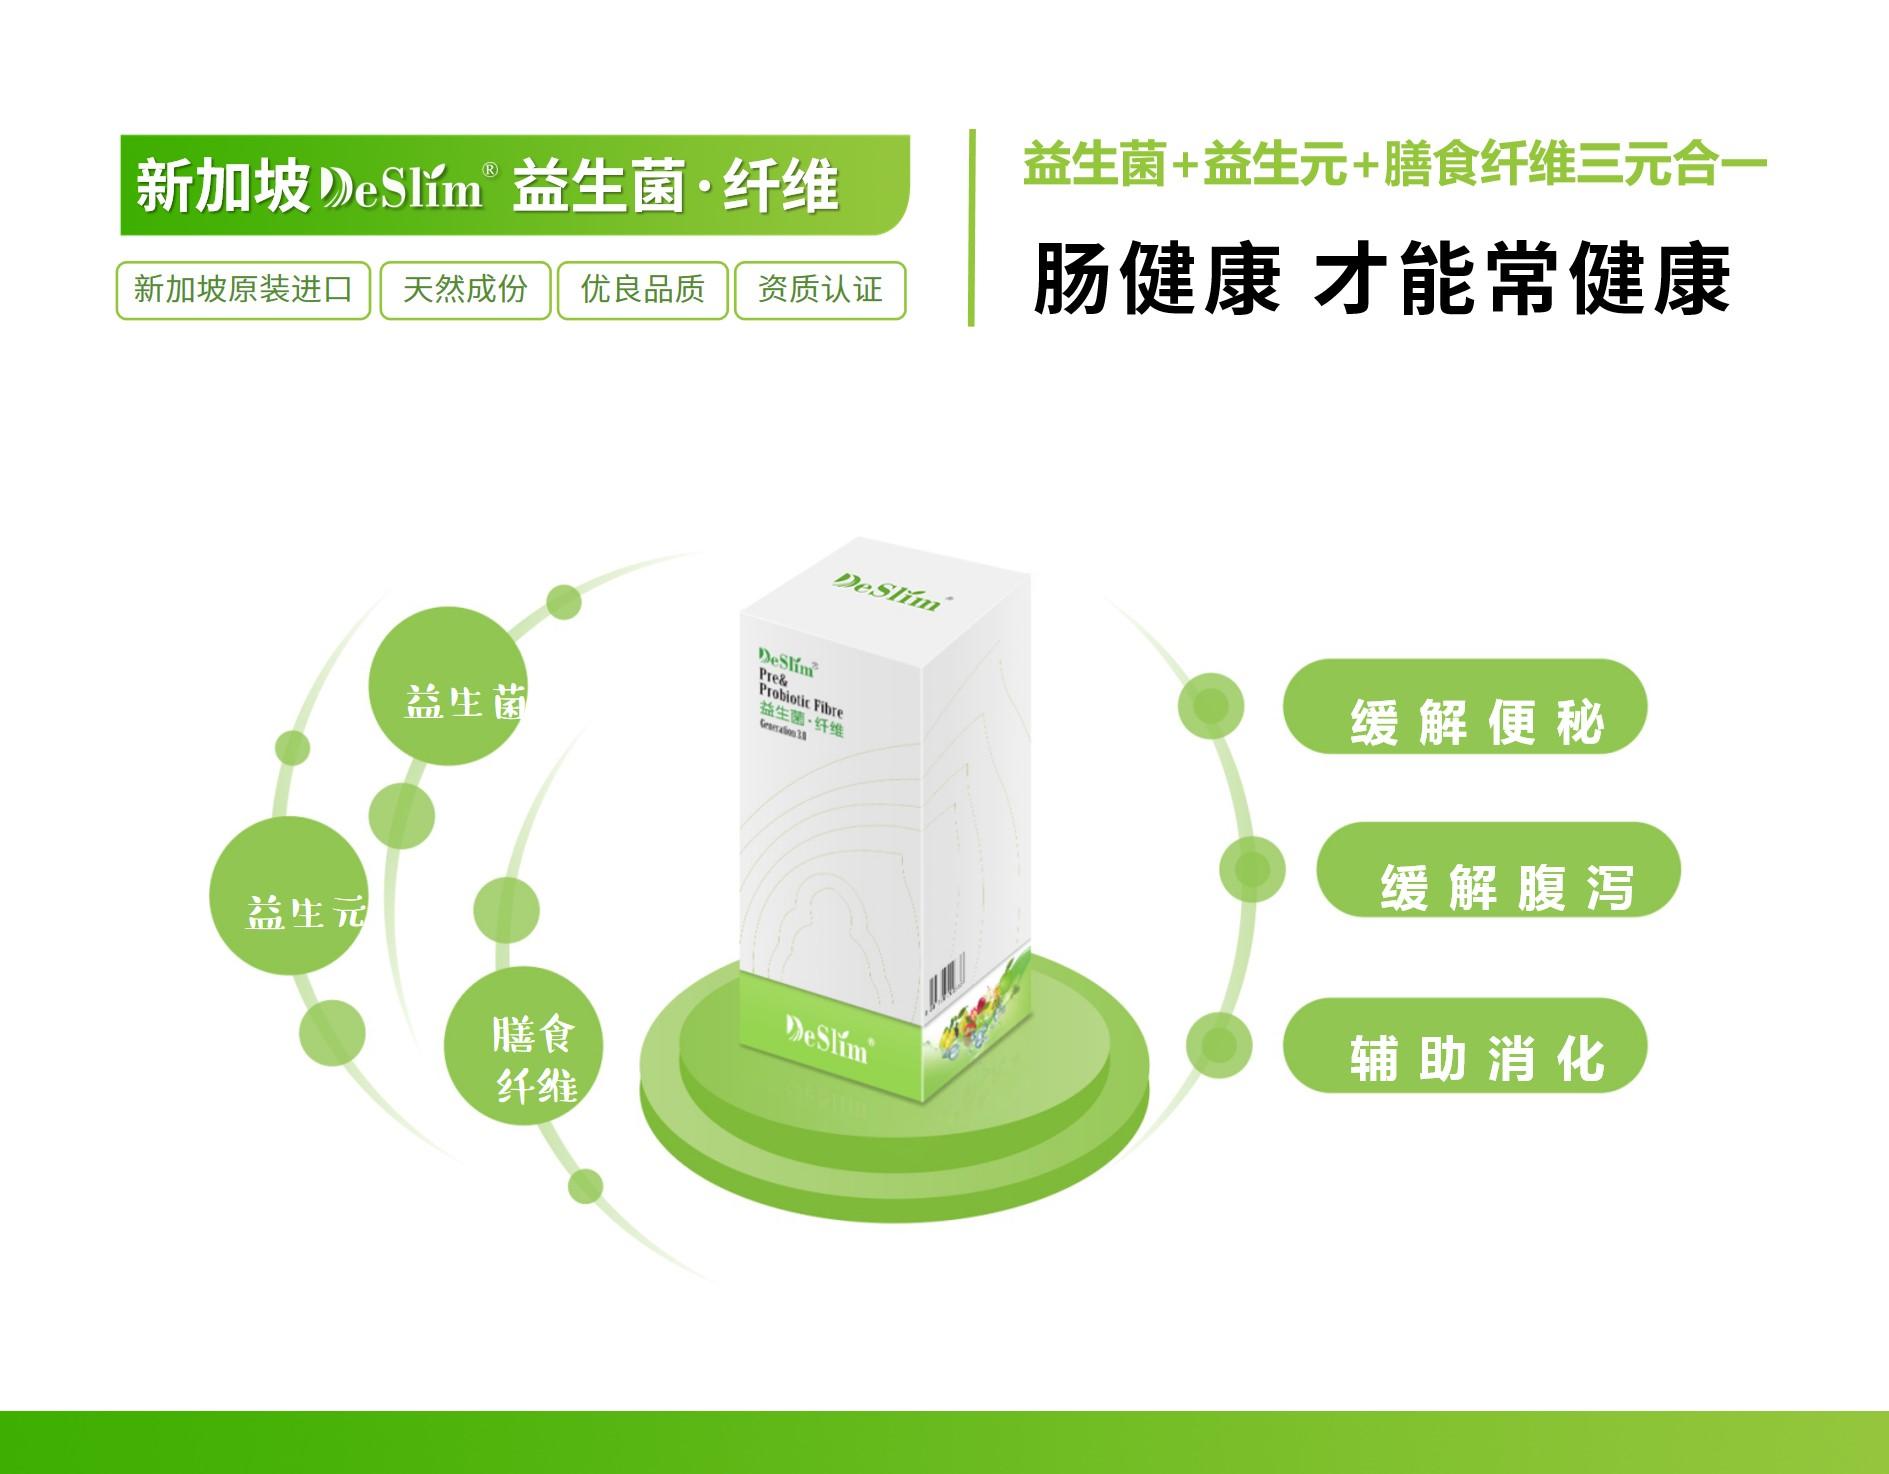 蒂斯丽新加坡原装进口益生菌是什么产品?DeSlim马来西亚产